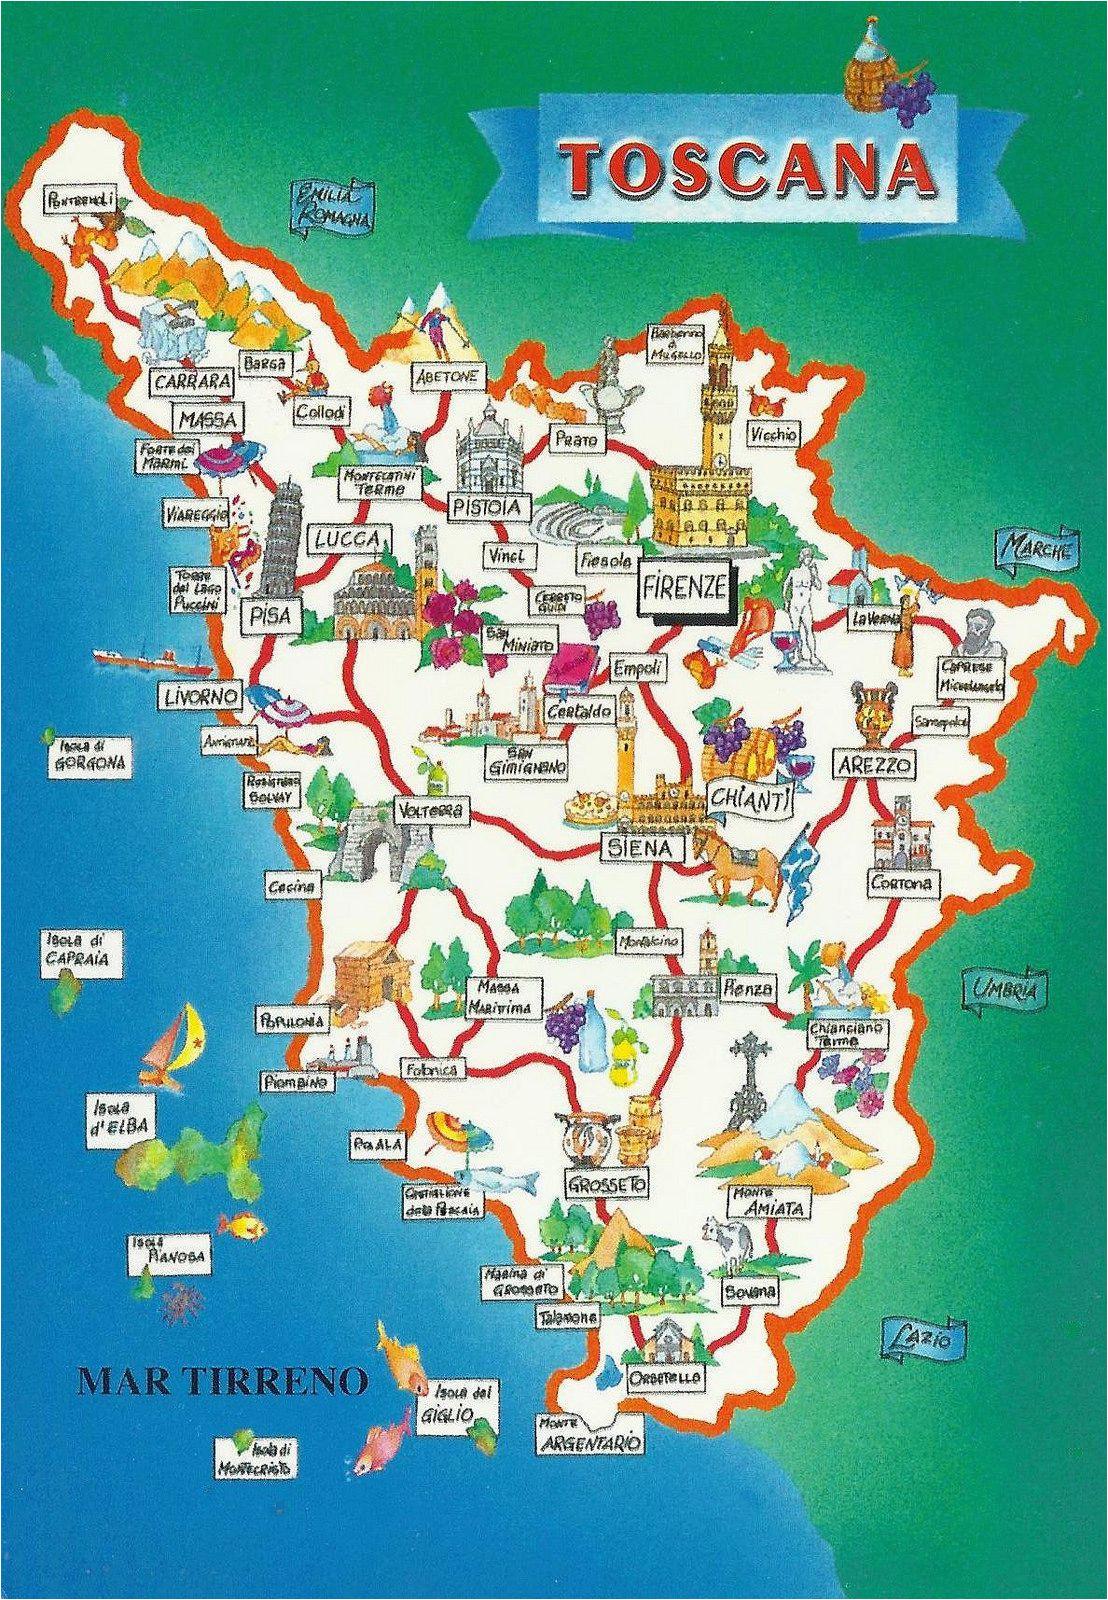 Tuscany Italy Map Of area toscana Map Italy Map Of Tuscany Italy Tuscany Map toscana Italy